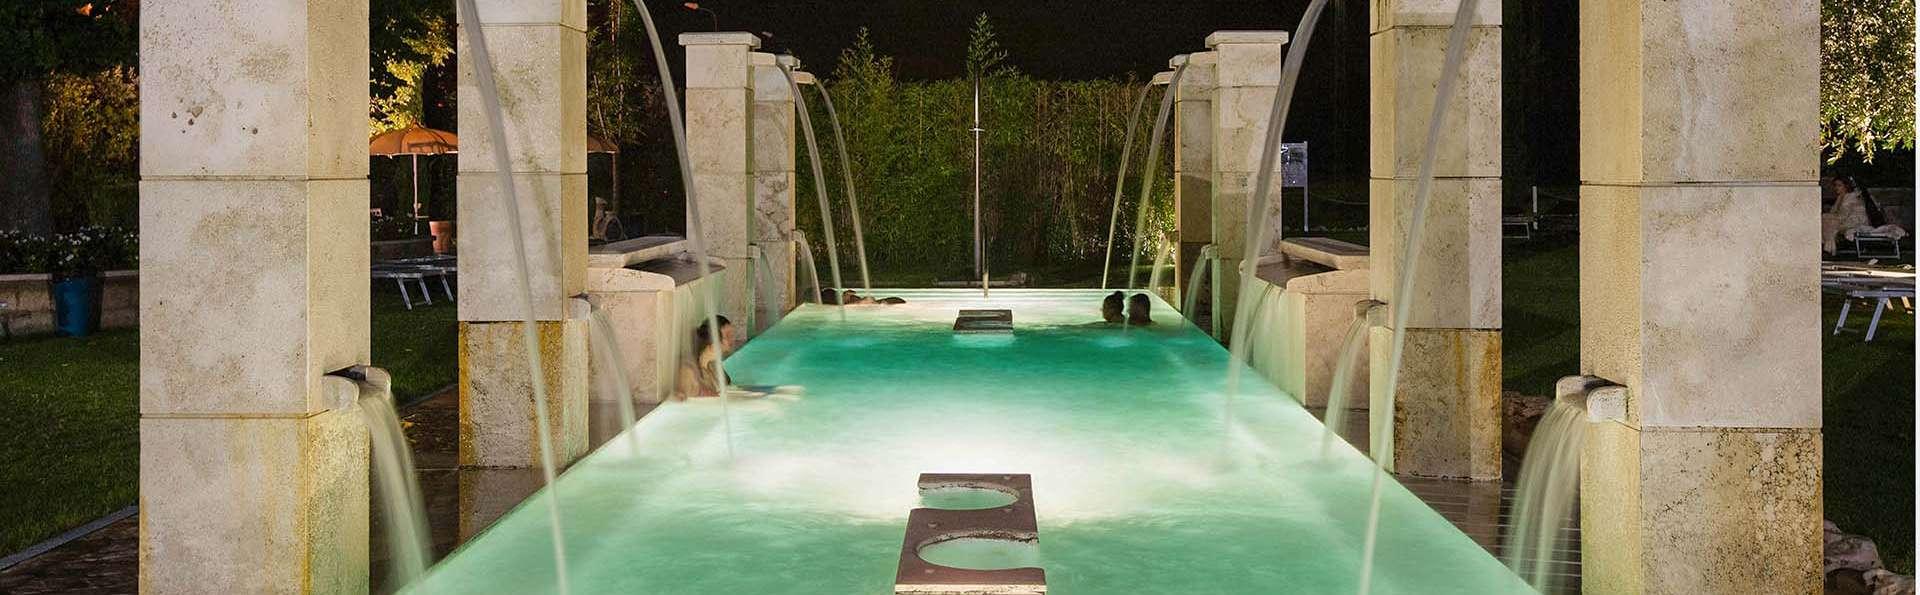 Terme Salus Hotel (Adults Only) - EDIT_POOL_03.jpg